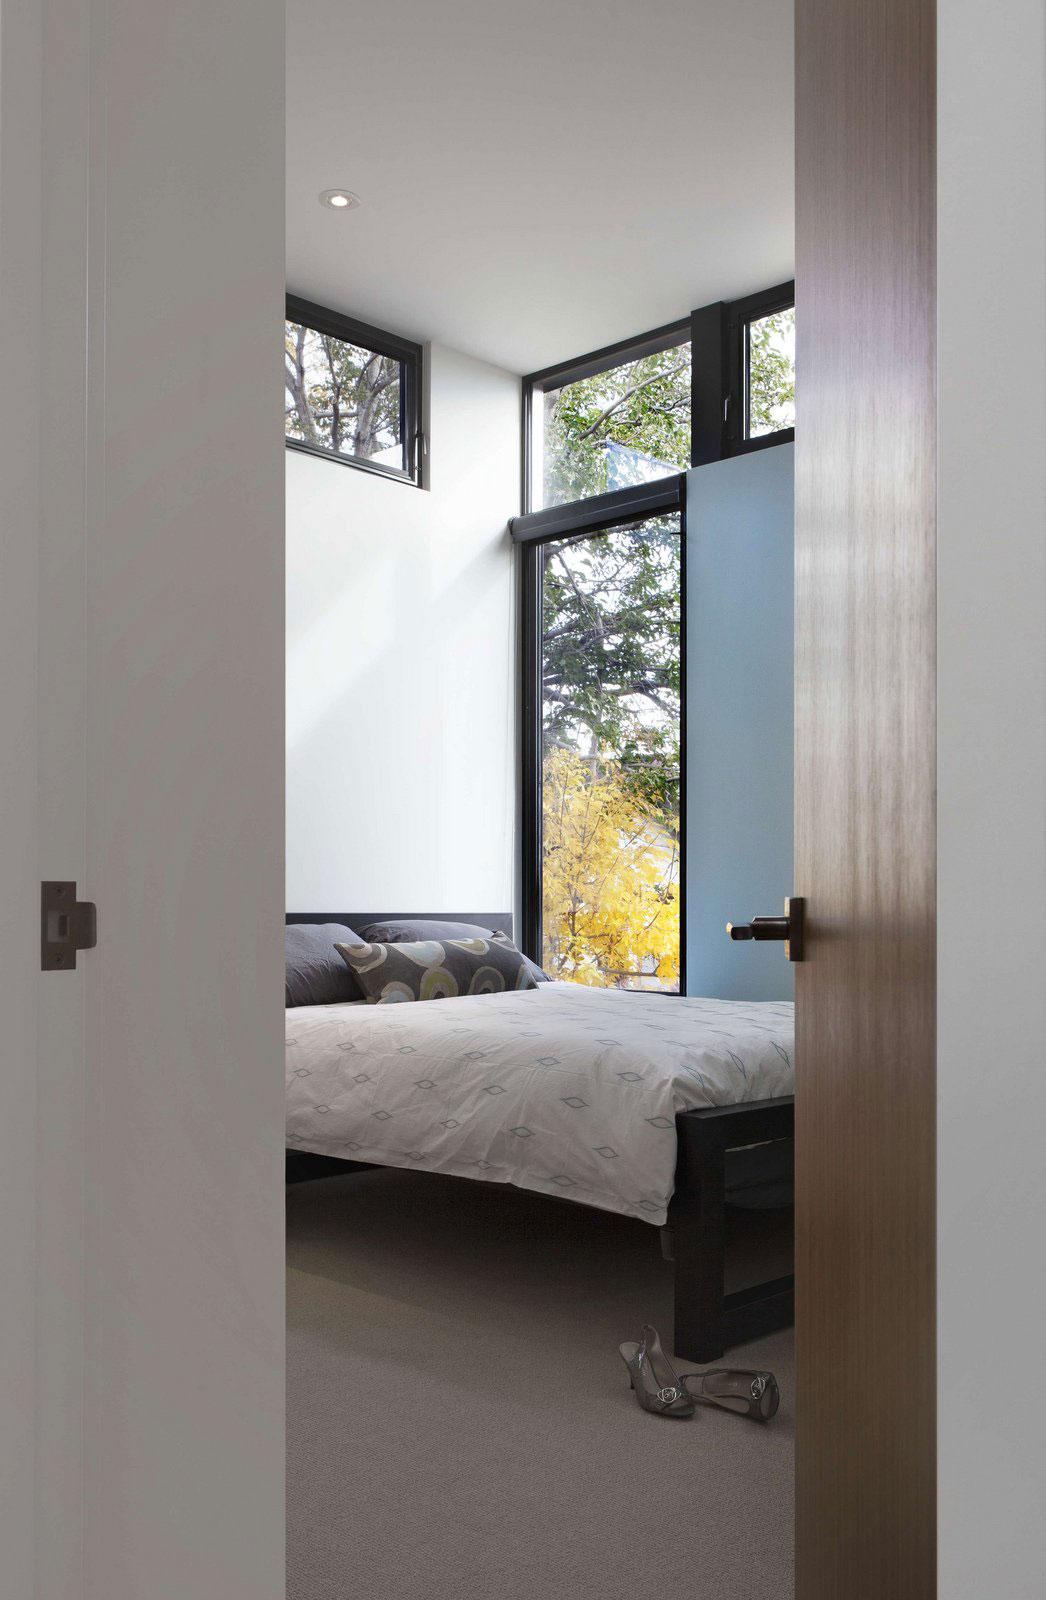 Миинималистические дома: уютный современный 303 Canyon от Arch11